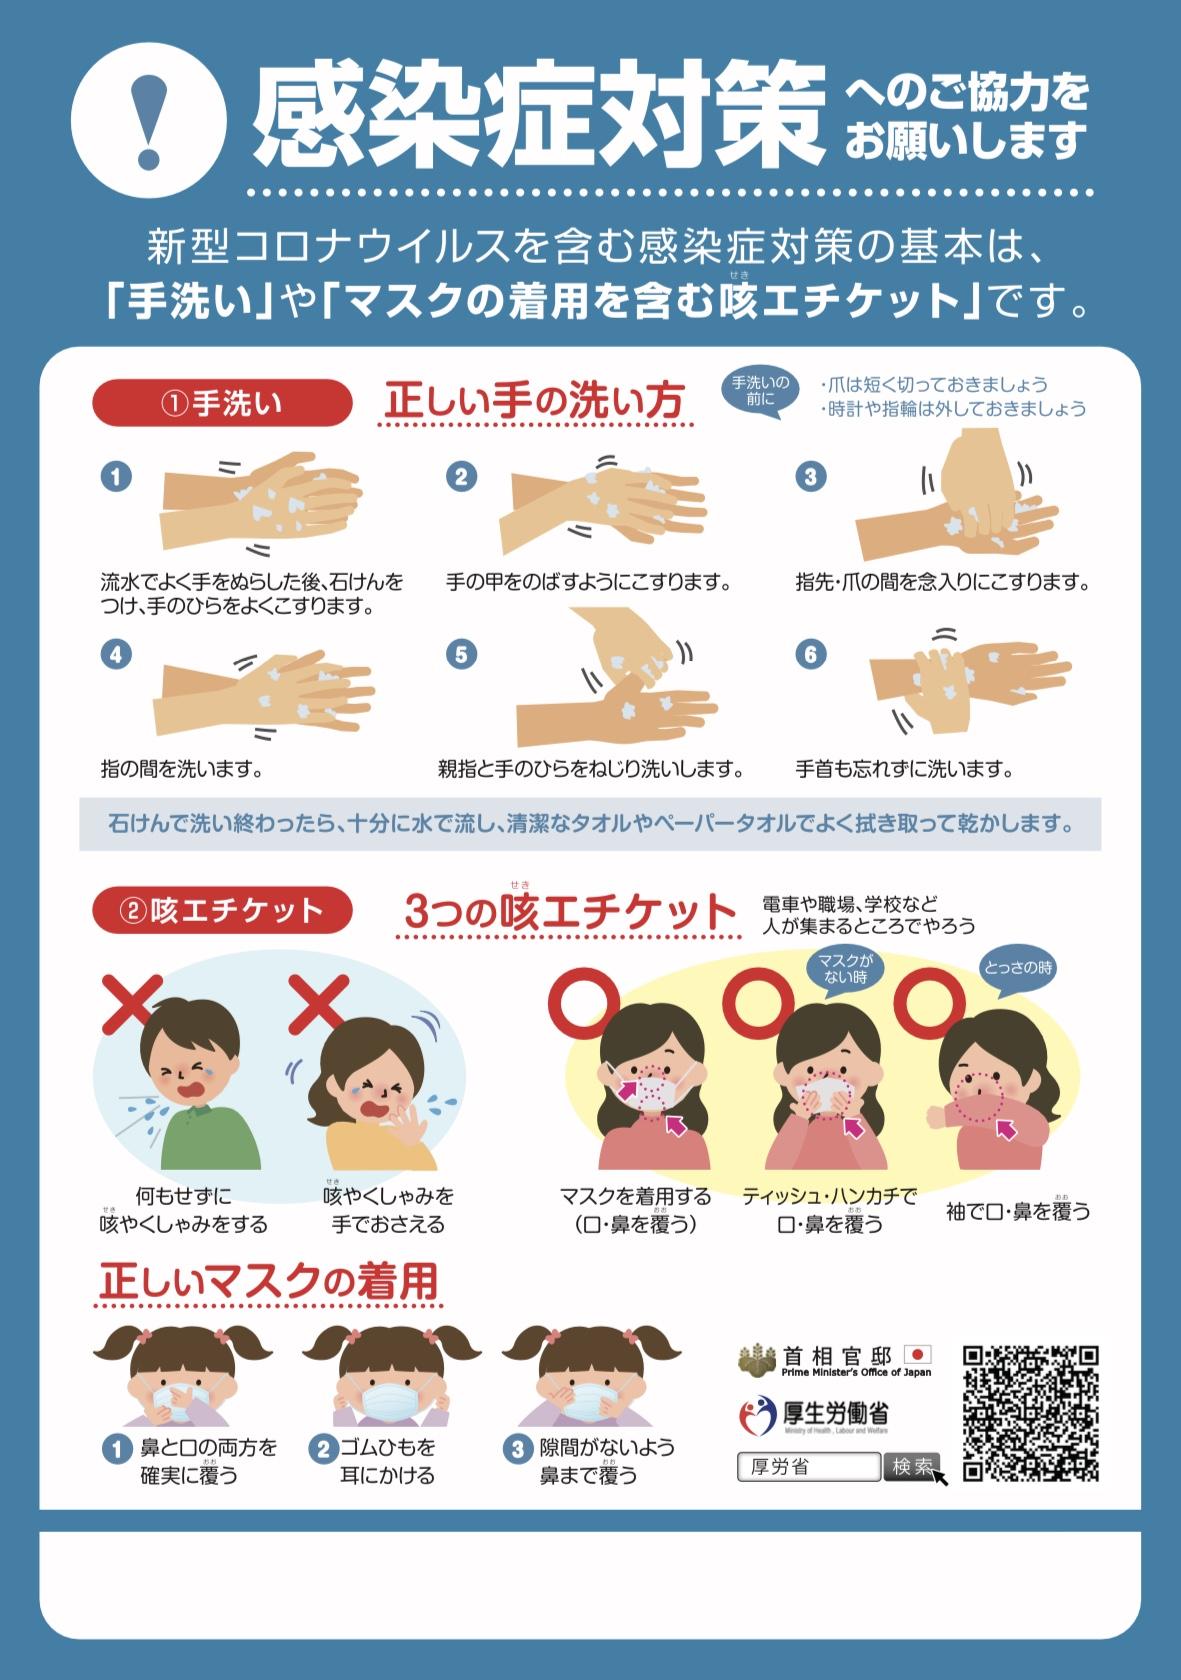 新型コロナウイルス感染症対策の徹底